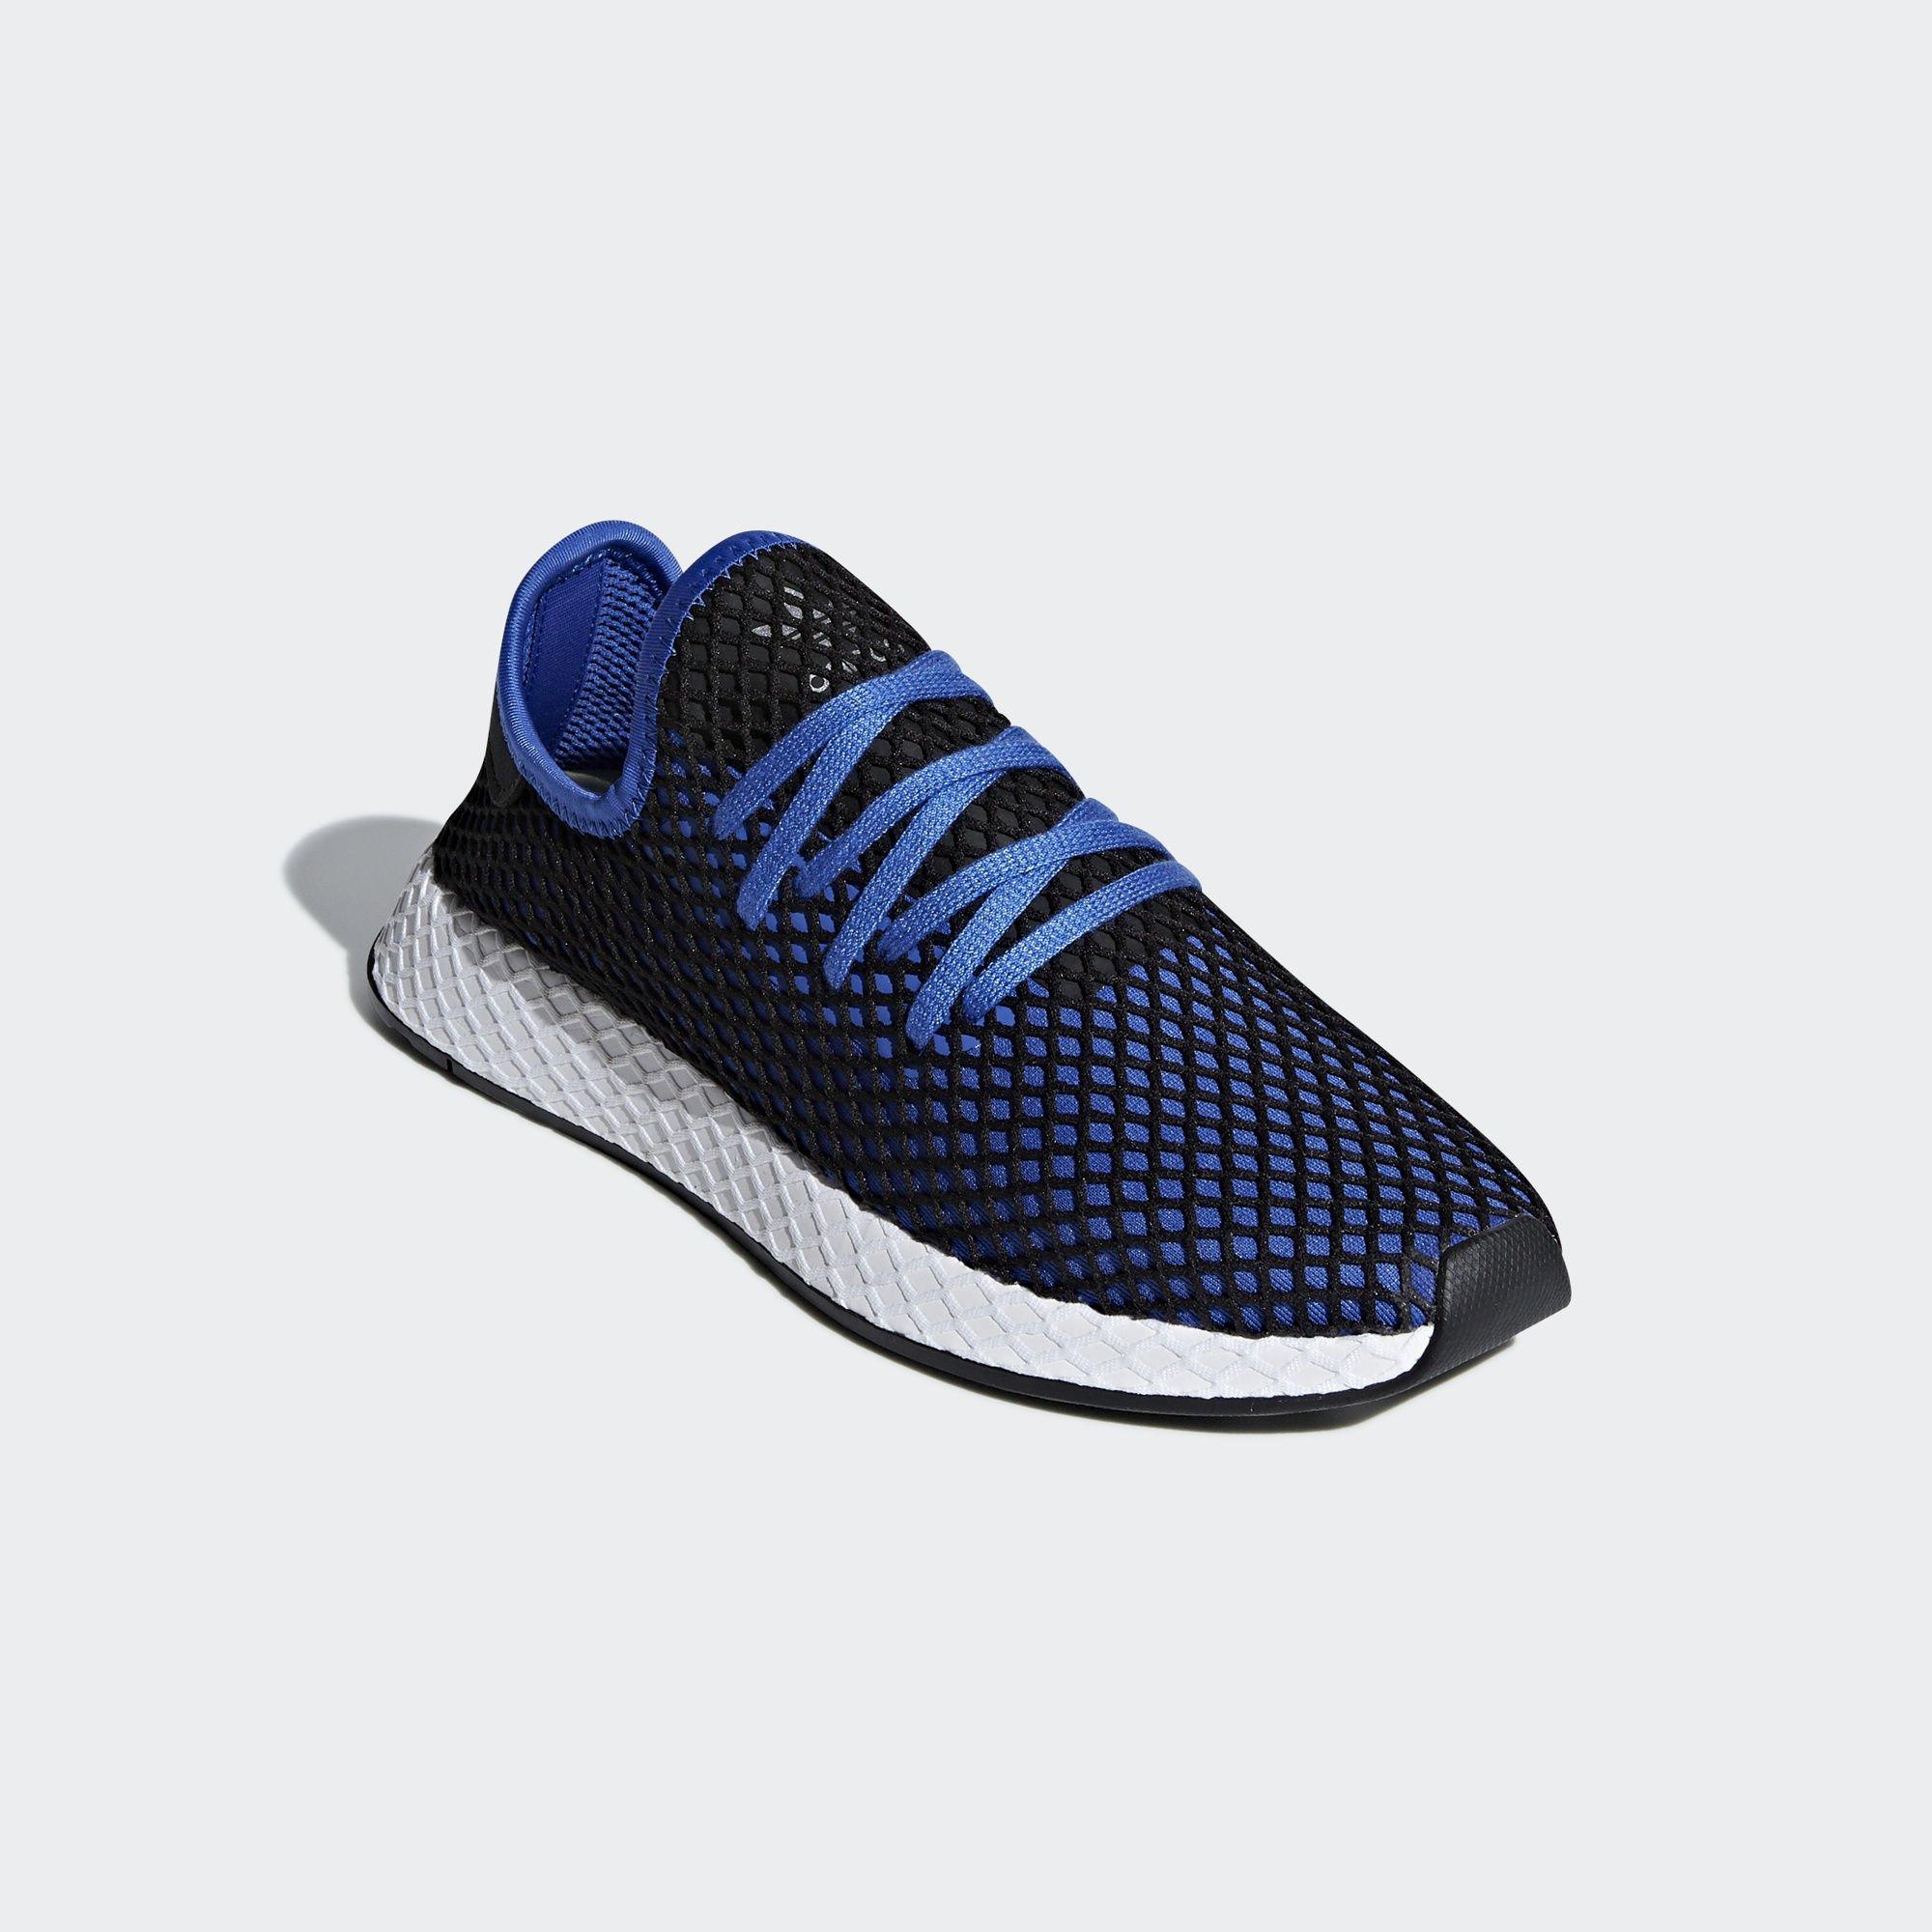 adidas Deerupt 'Hi-Res Blue' (B41764)